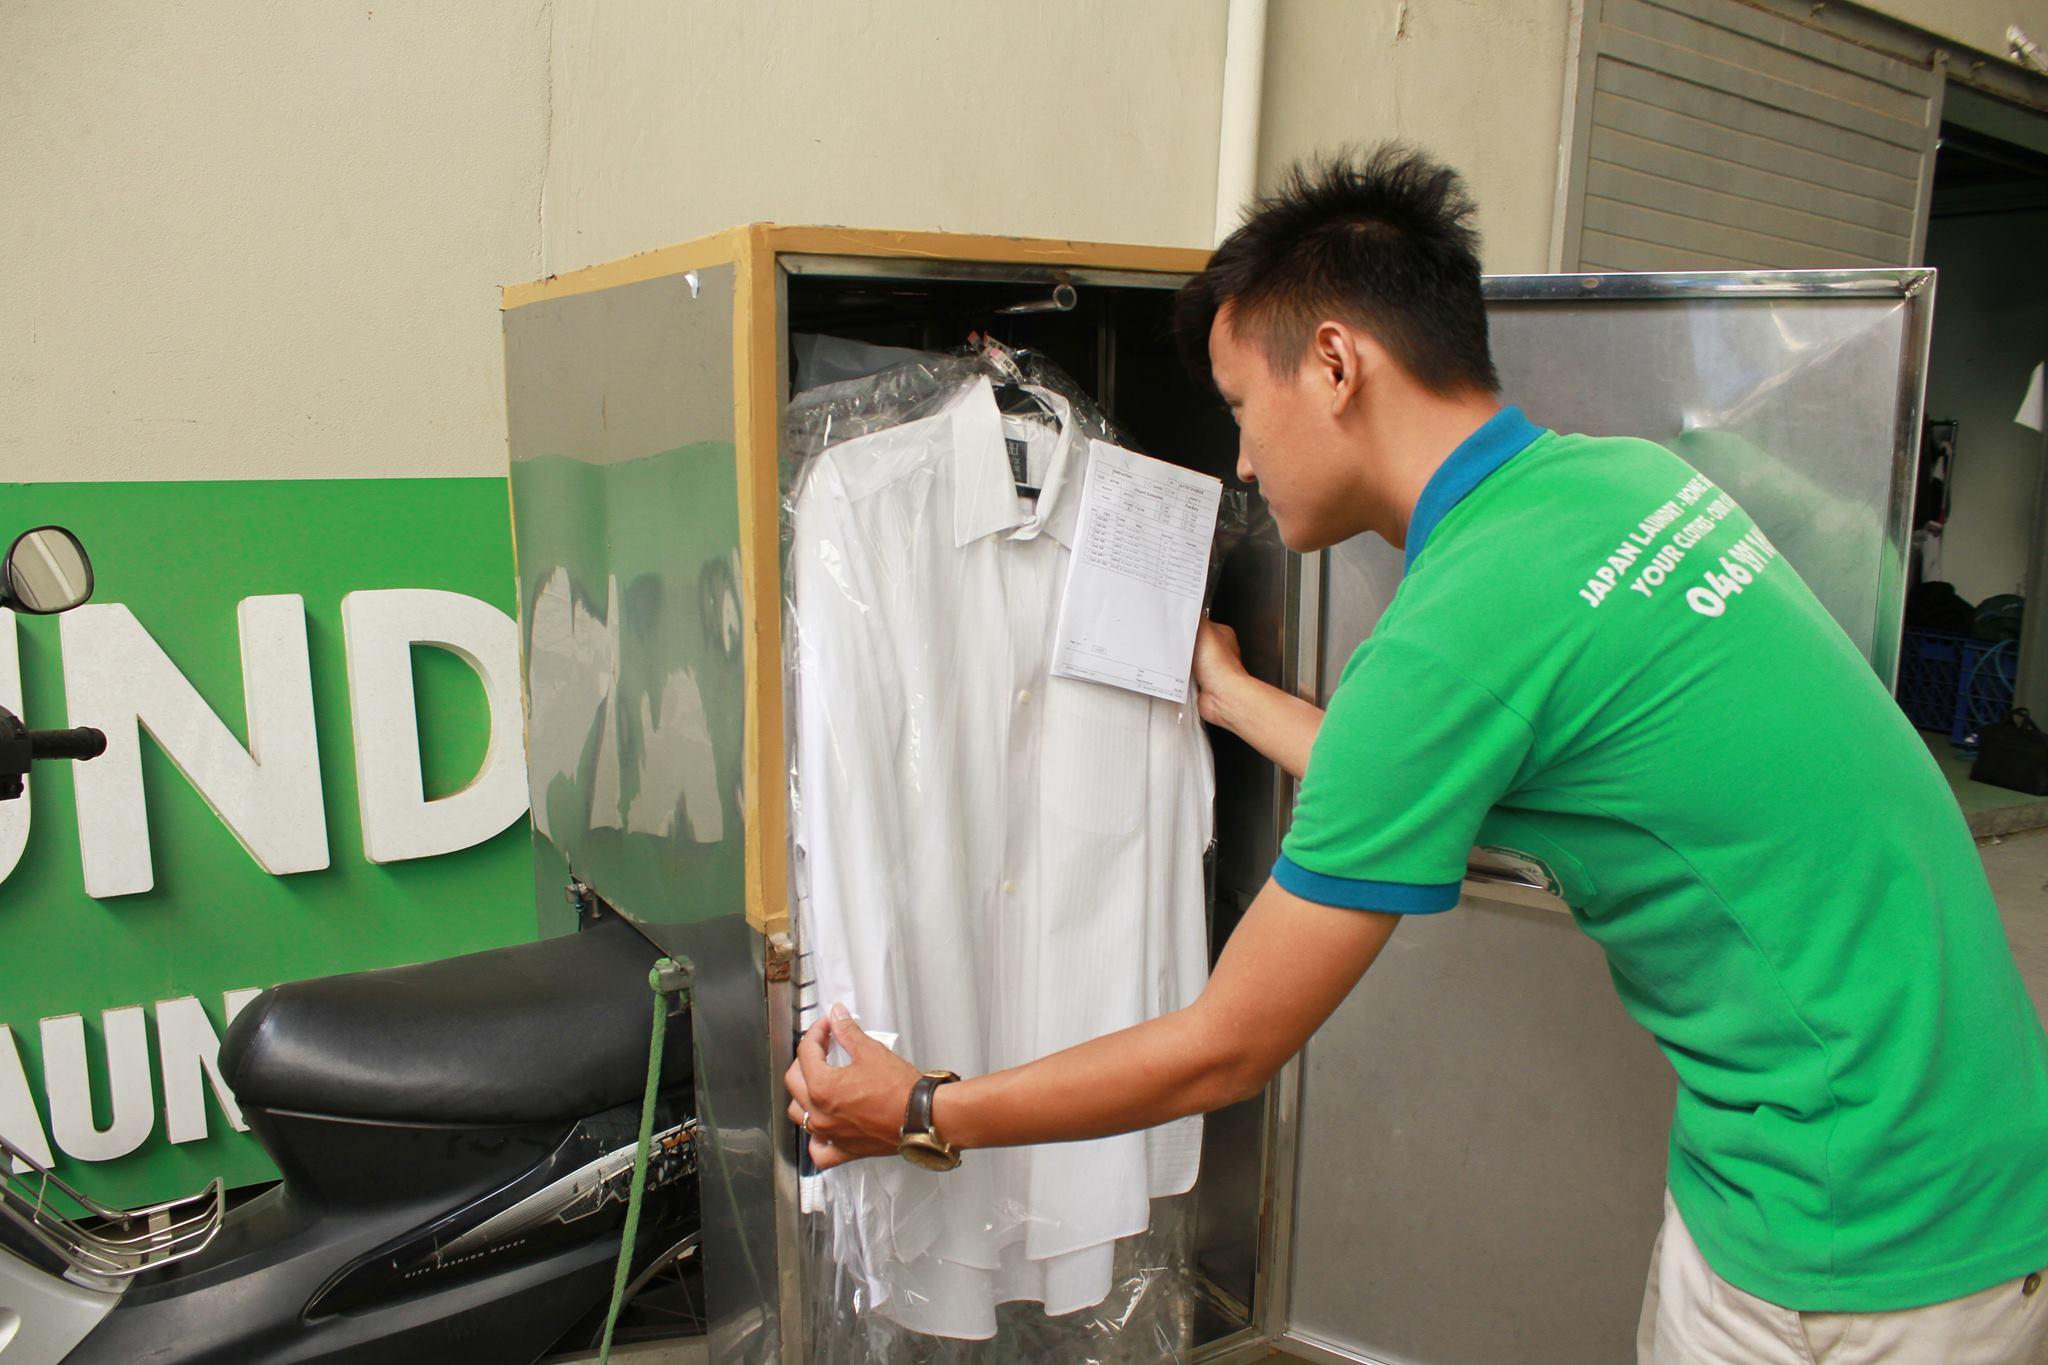 Dịch vụ giặt đồ giao nhận tại nhà chuyên nghiệp hàng đầu tại  Hà Nội